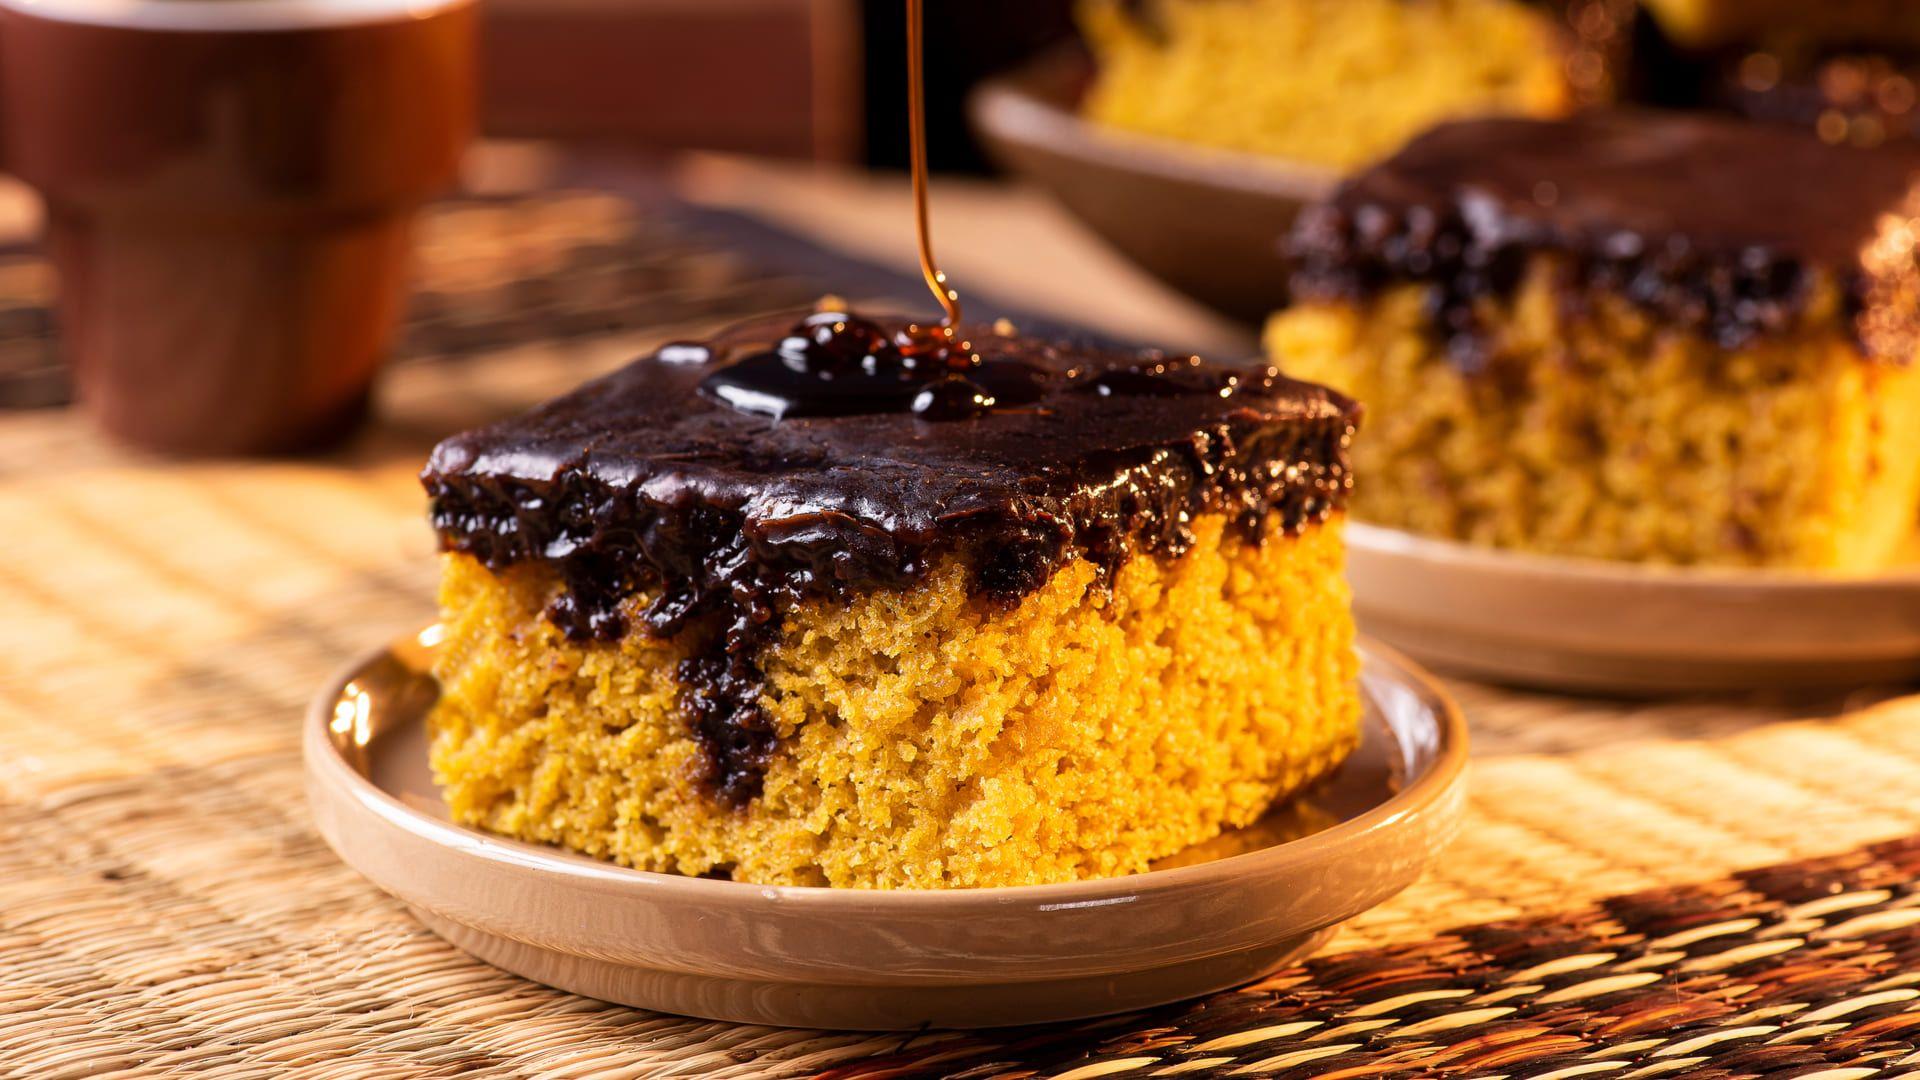 Pedaço de bolo de cenoura com calda de chocolate em um prato em cima da mesa.